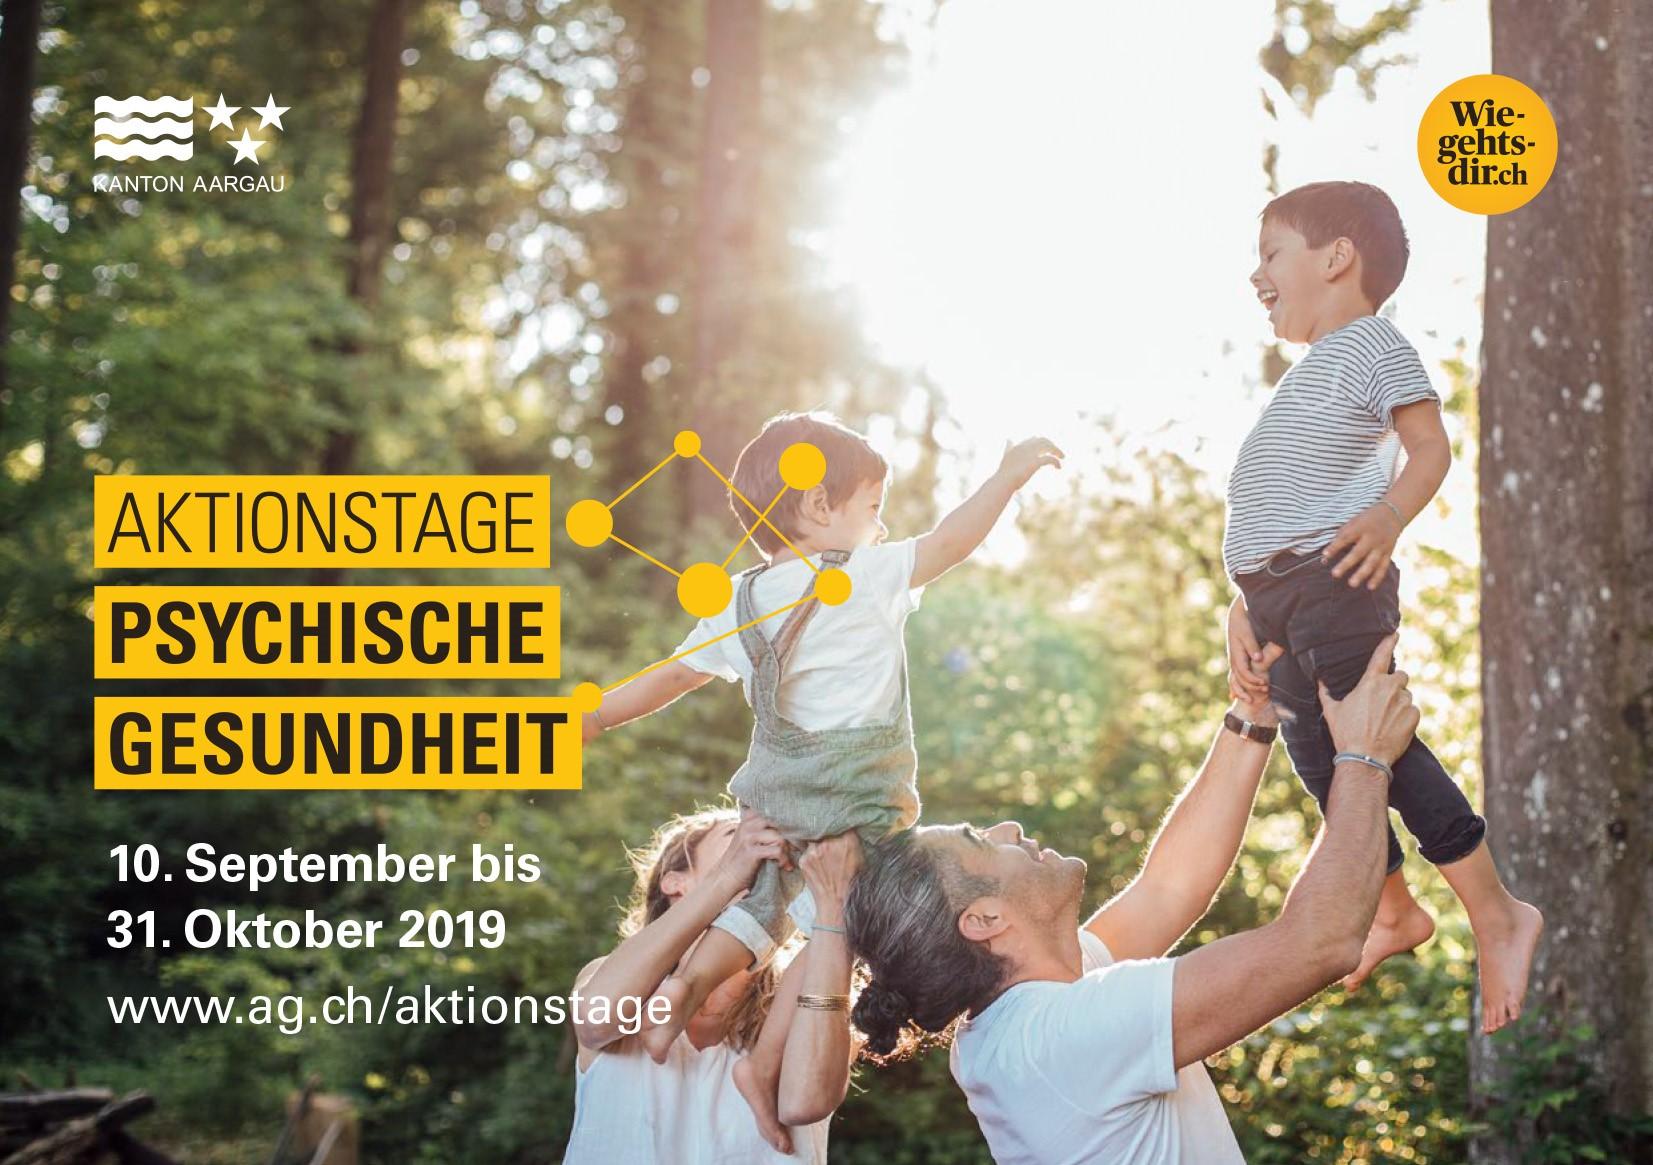 Titelbild Aktionstage Psychische Gesundheit 2019